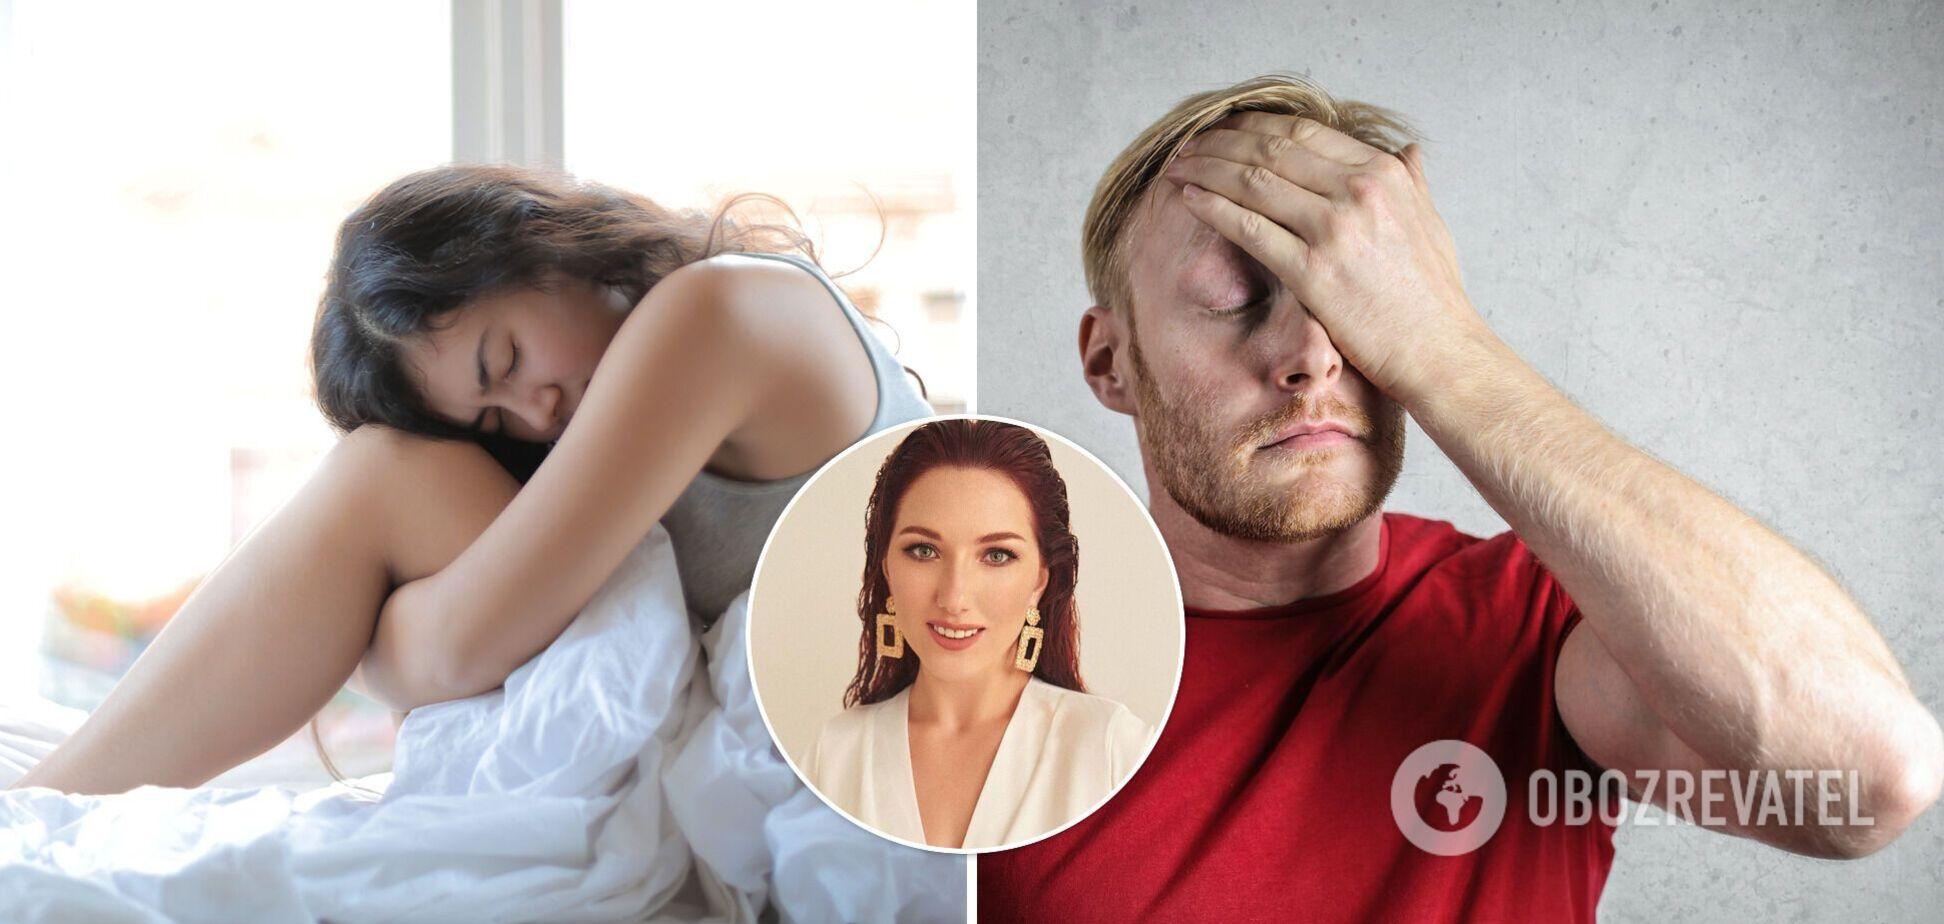 'Щось не те в самих відносинах': сексологиня розповіла, чому хочеться плакати після сексу. Ексклюзив